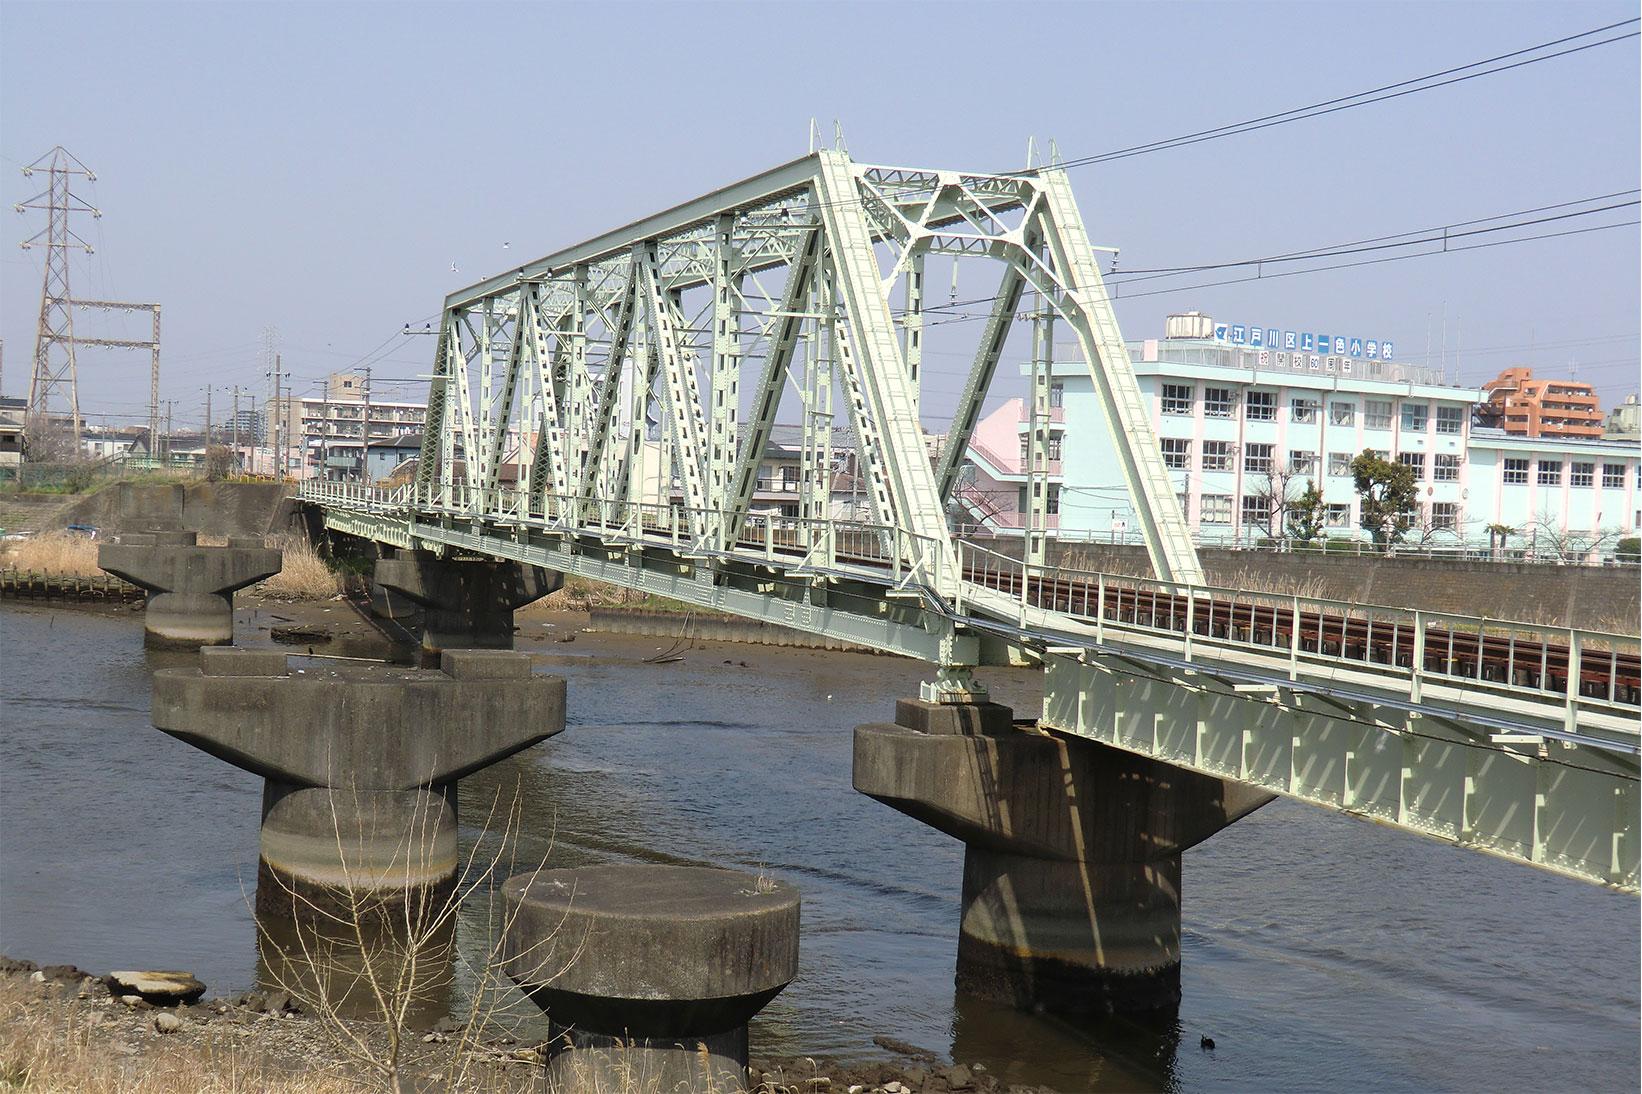 新中川に架かる鉄橋。鉄橋は単線分ですが、橋脚は複線分あります。